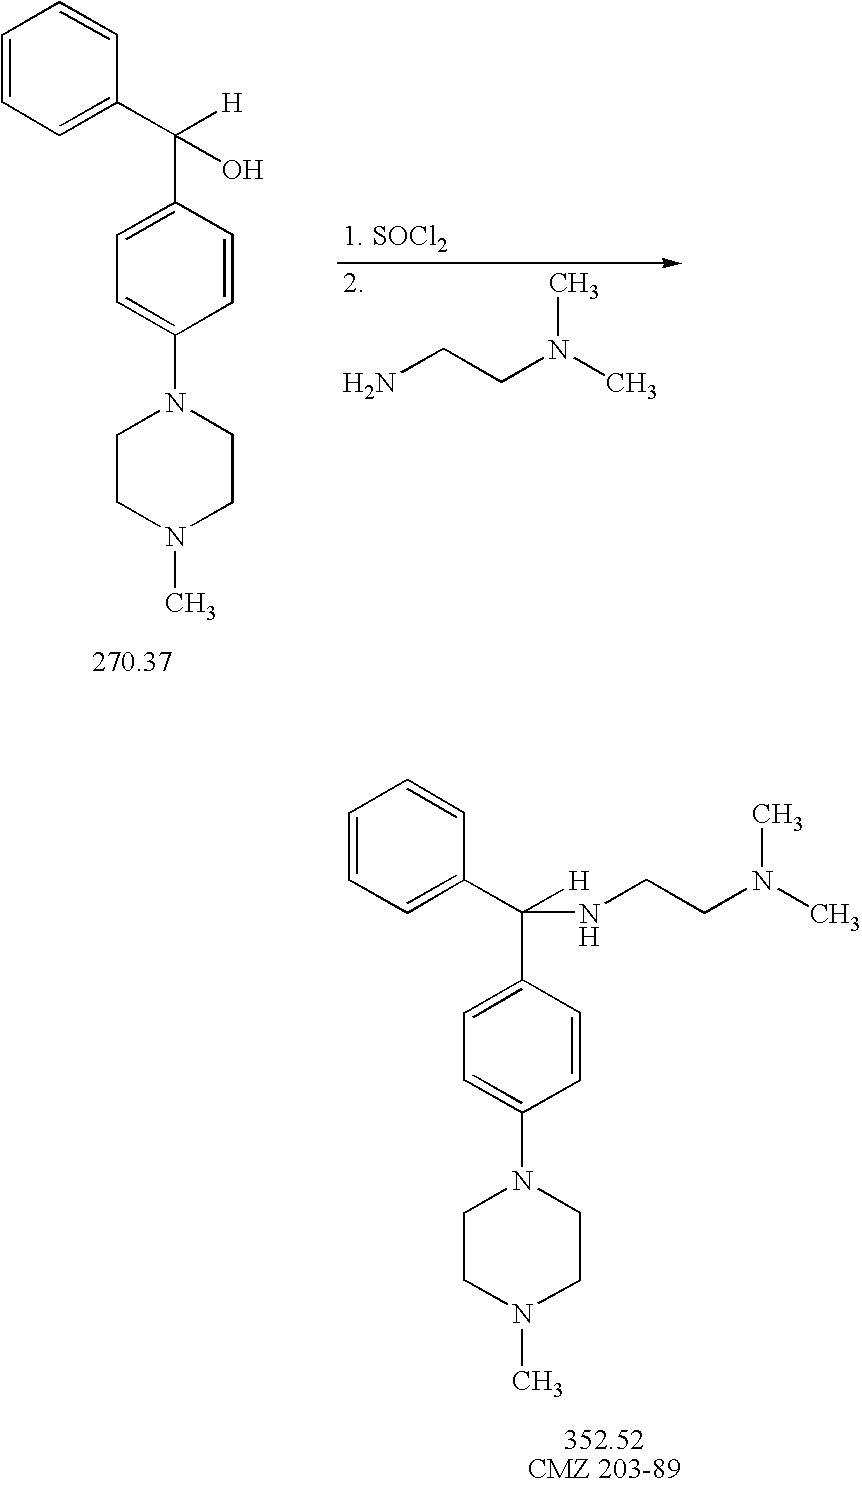 Figure US20070232622A1-20071004-C00306